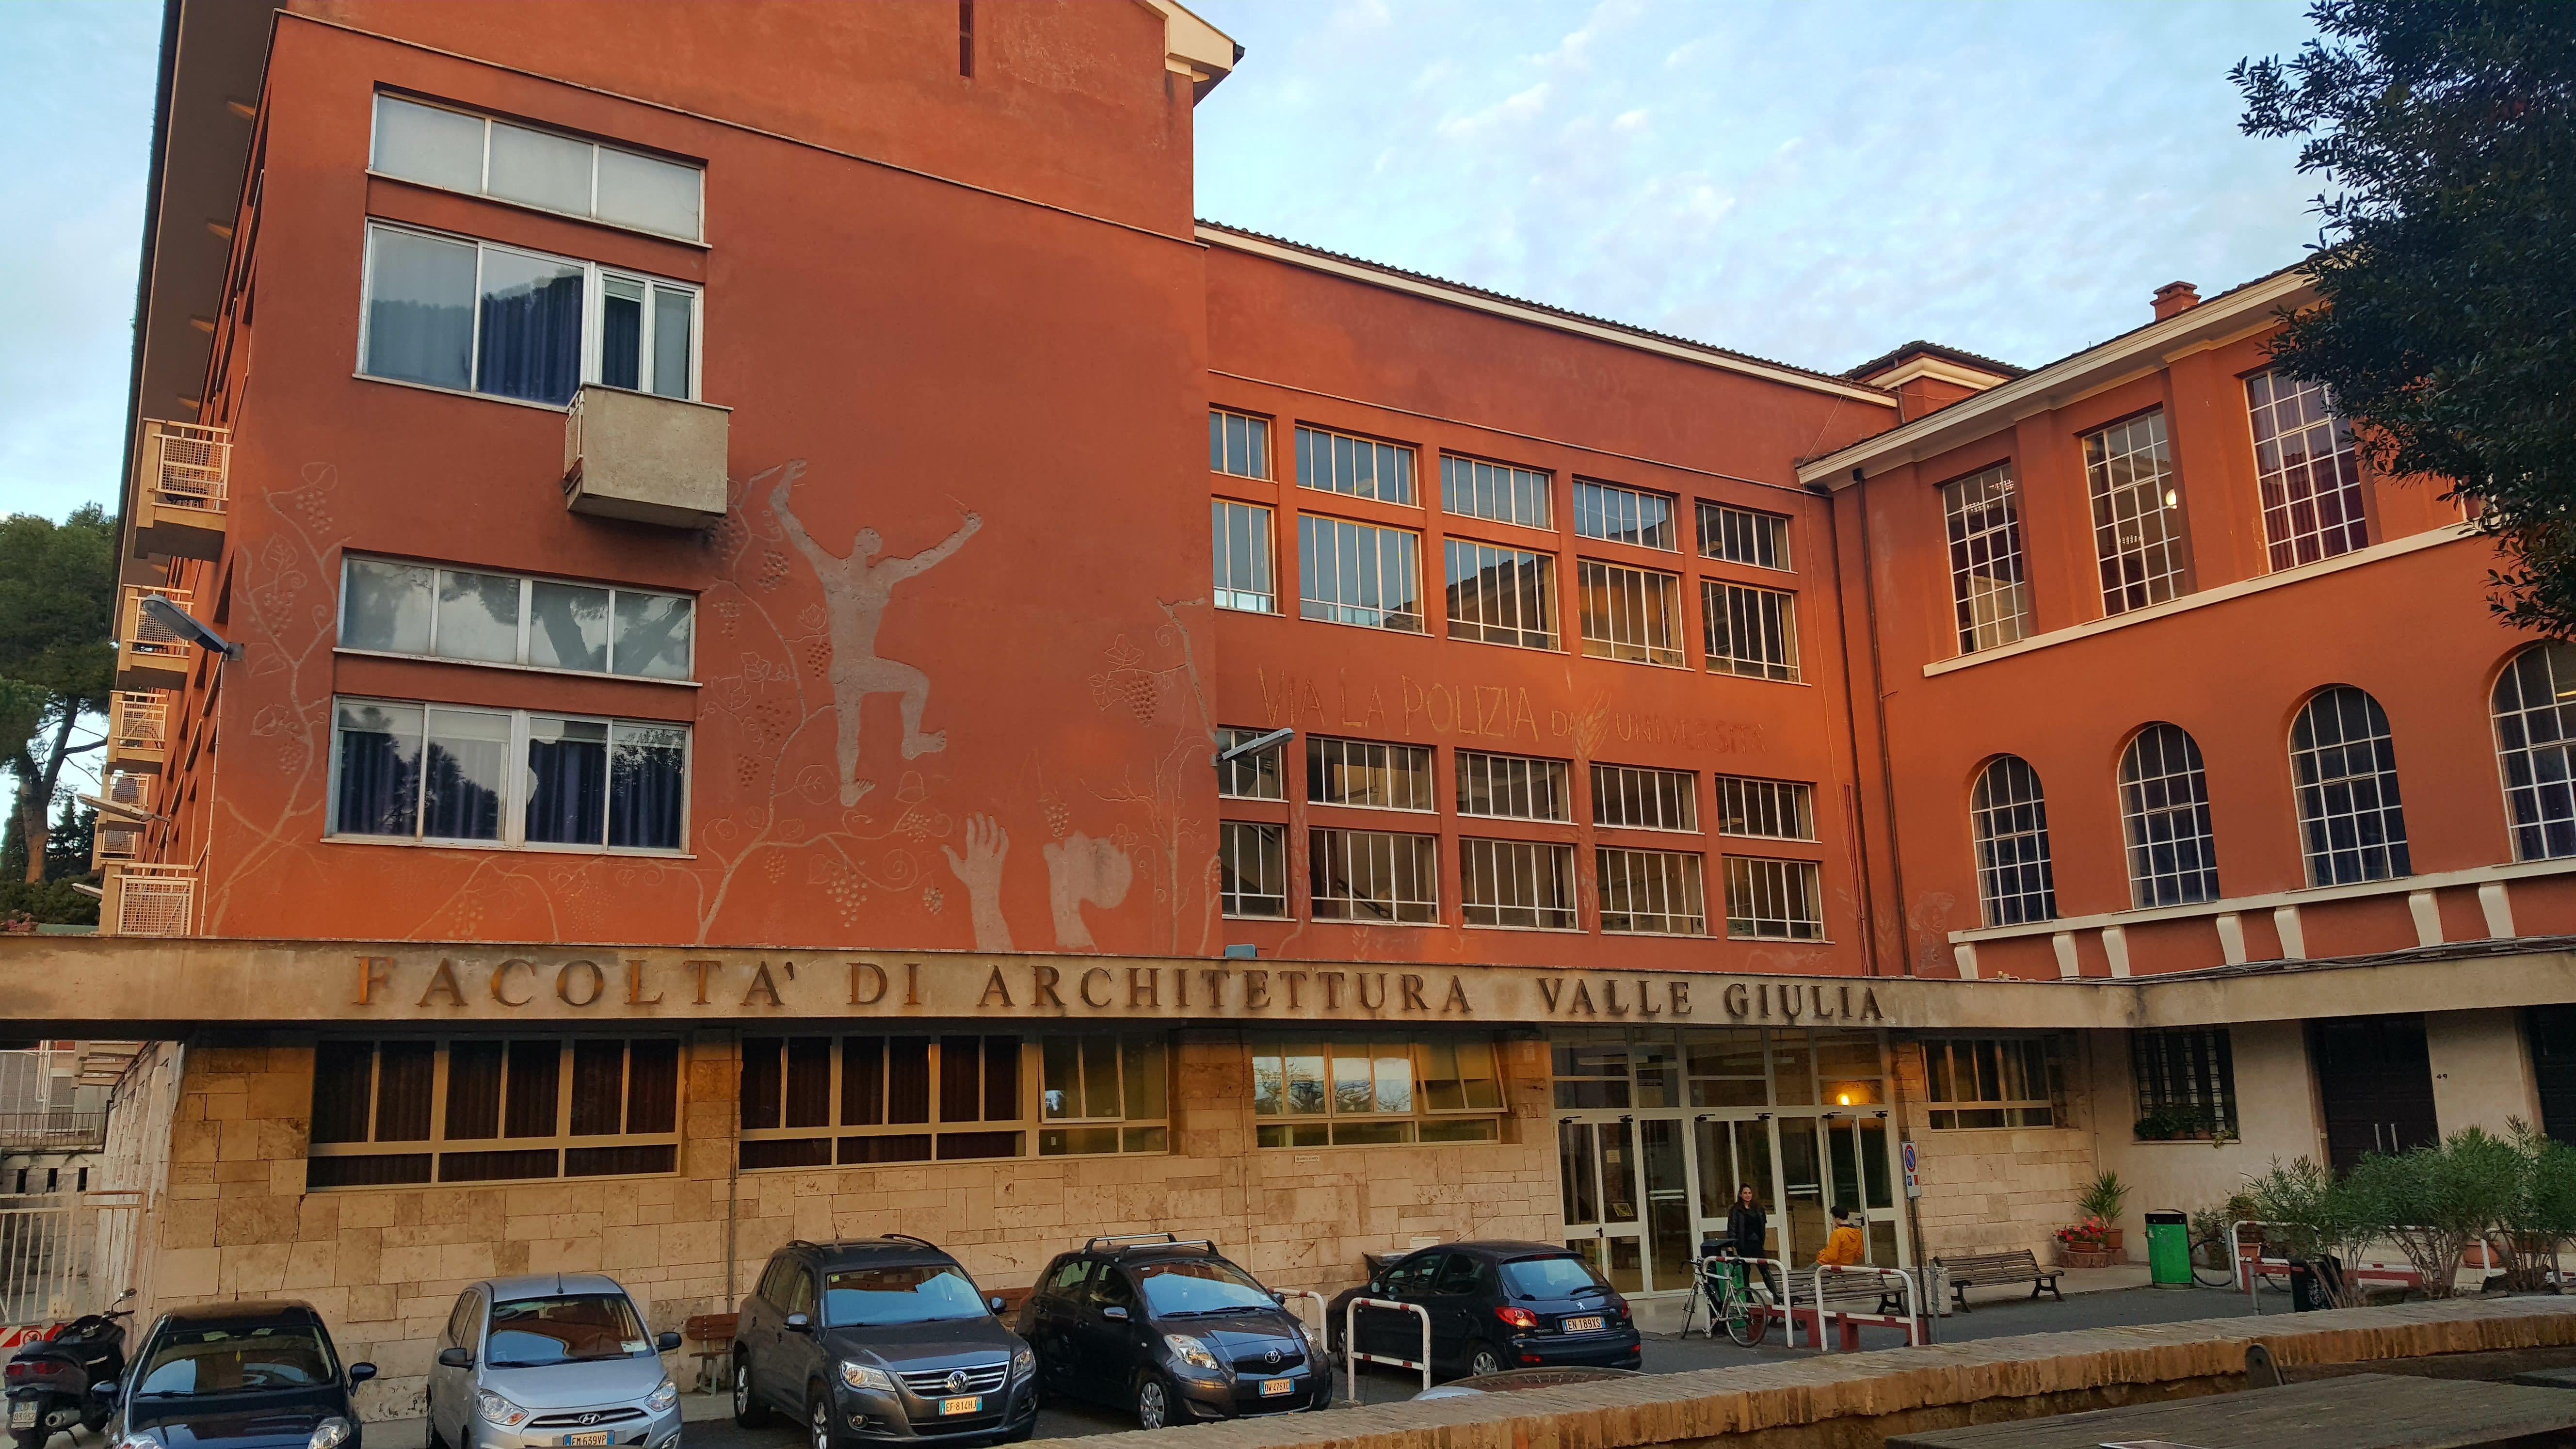 Università degli Studi di Roma La Sapienza - Wikipedia